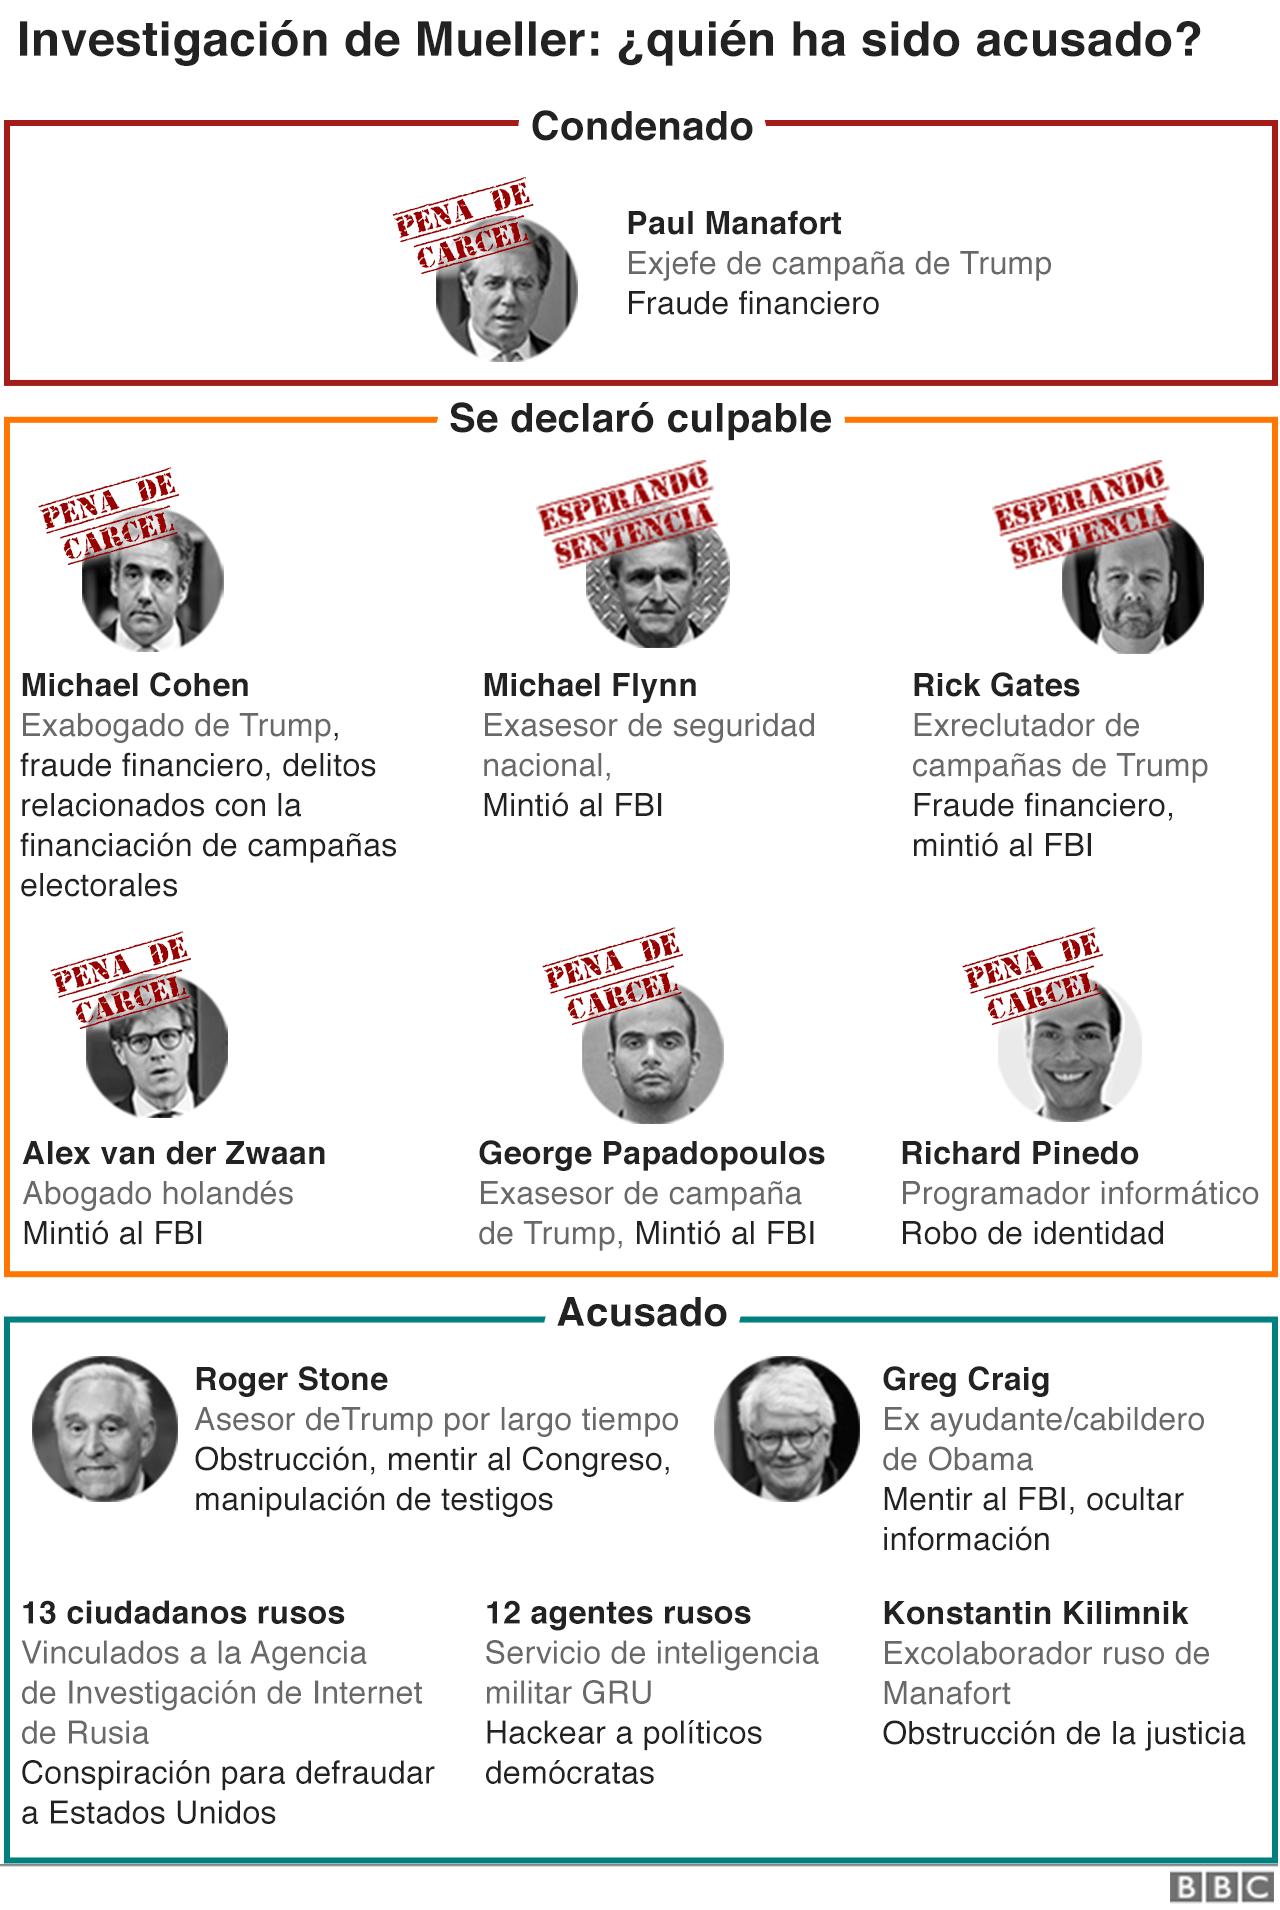 Investigacion de Mueller